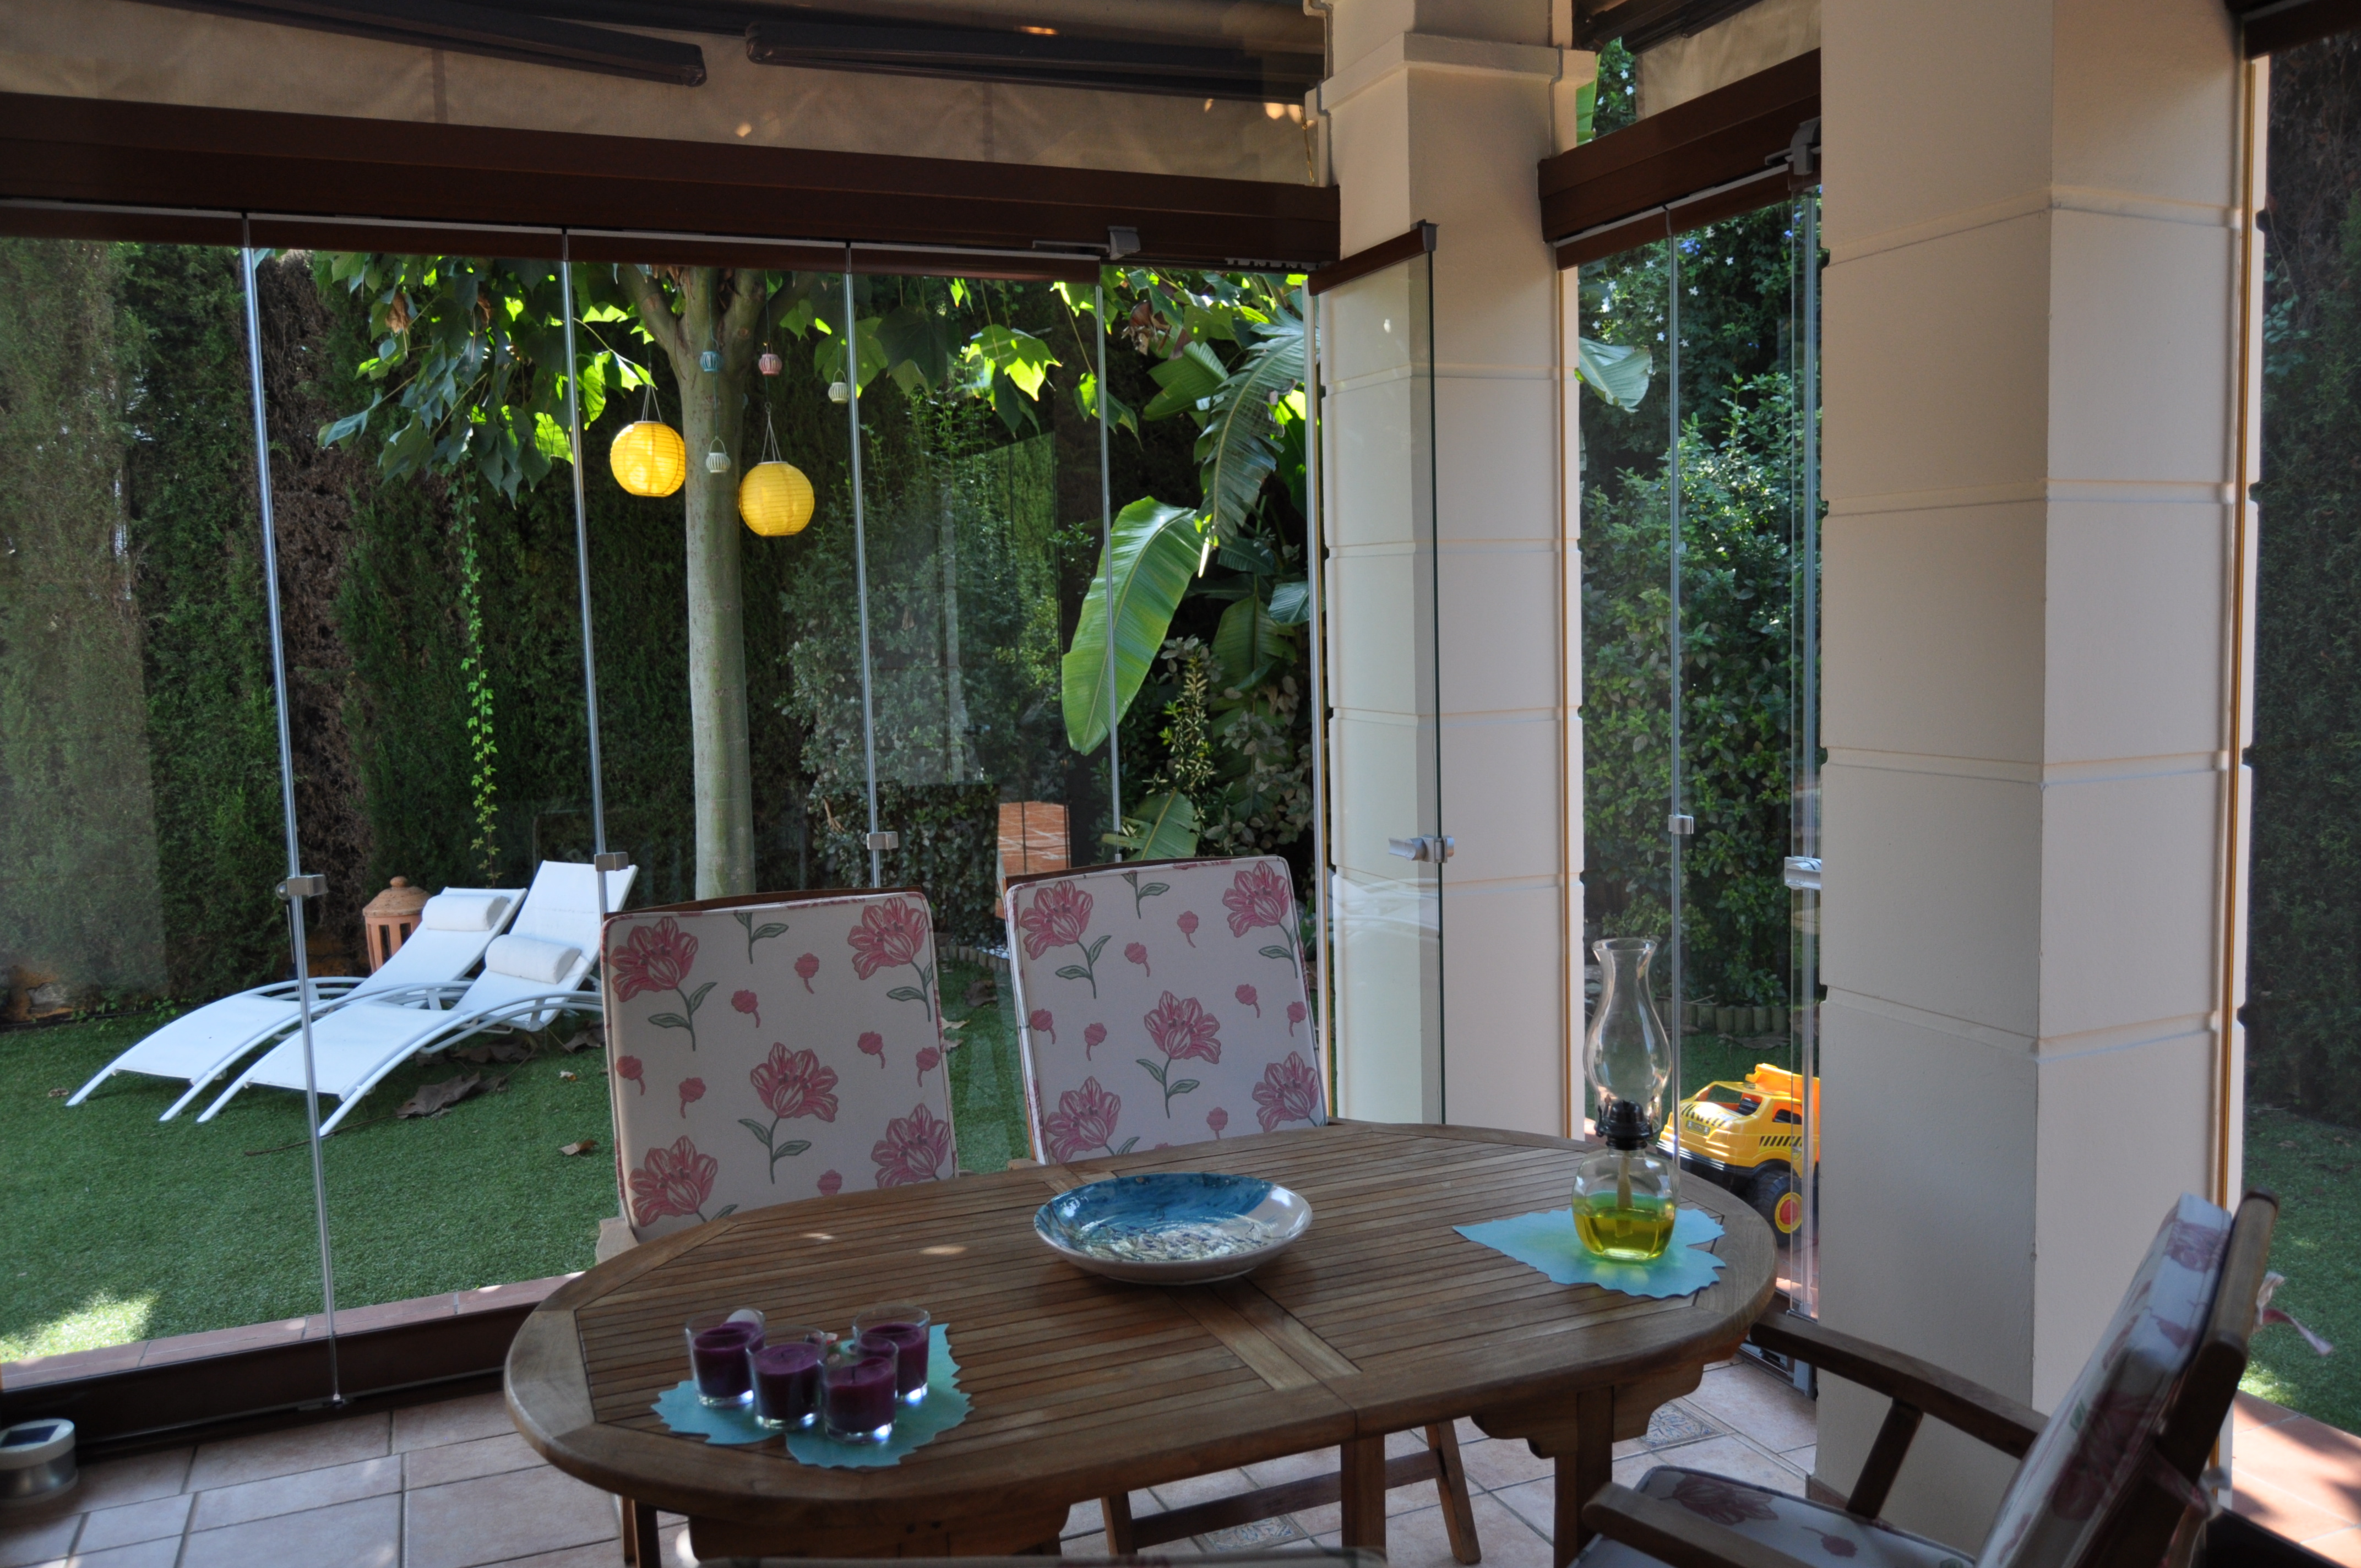 Venda casa de campo bormujos sevilla espanha calle - Casa de campo sevilla ...